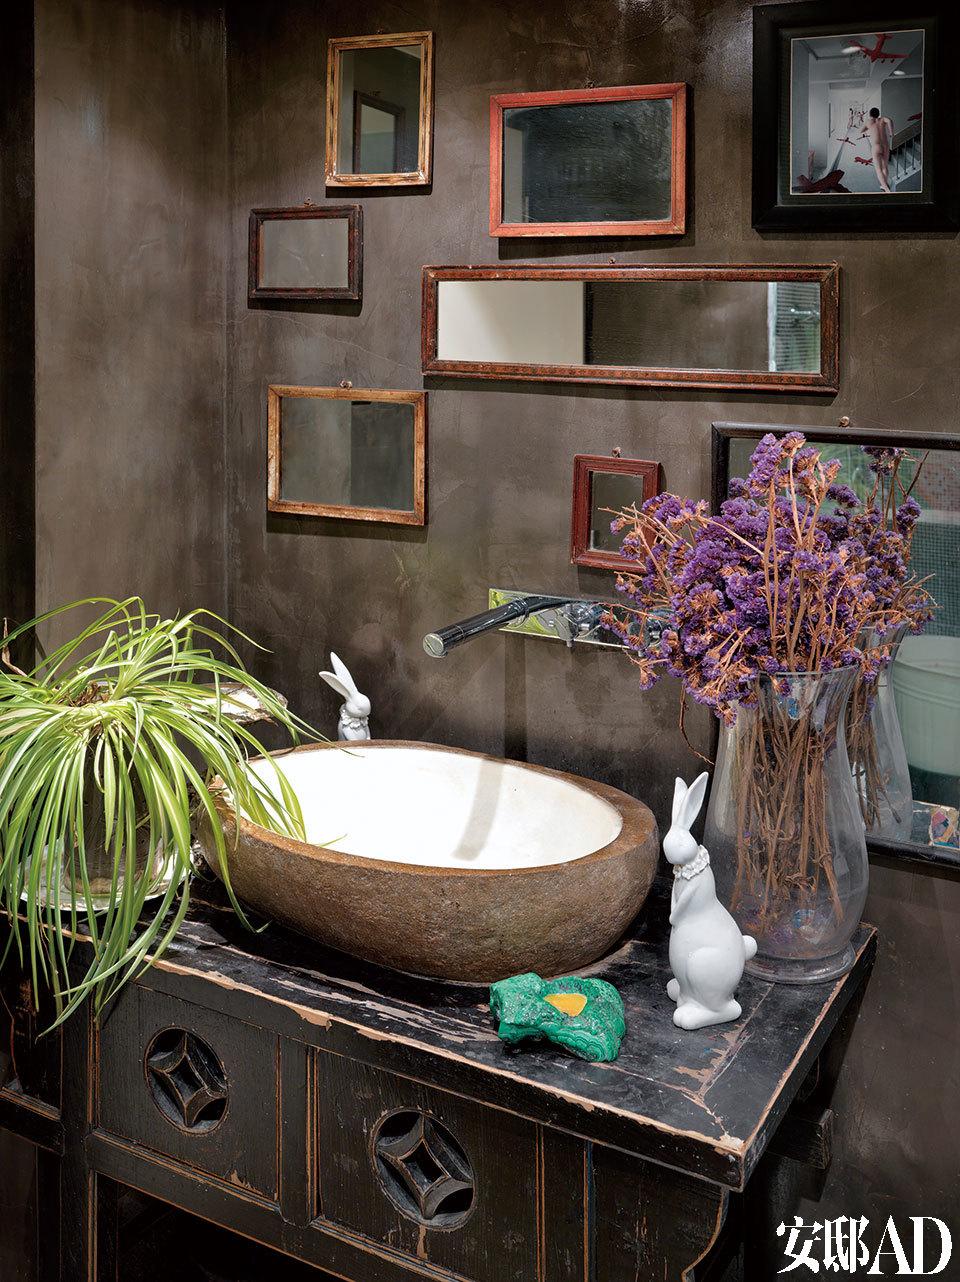 洗手间内,已过世的奶奶曾用过的镜子被保留,并重新装上框使用,散发着家所独有的人情味。